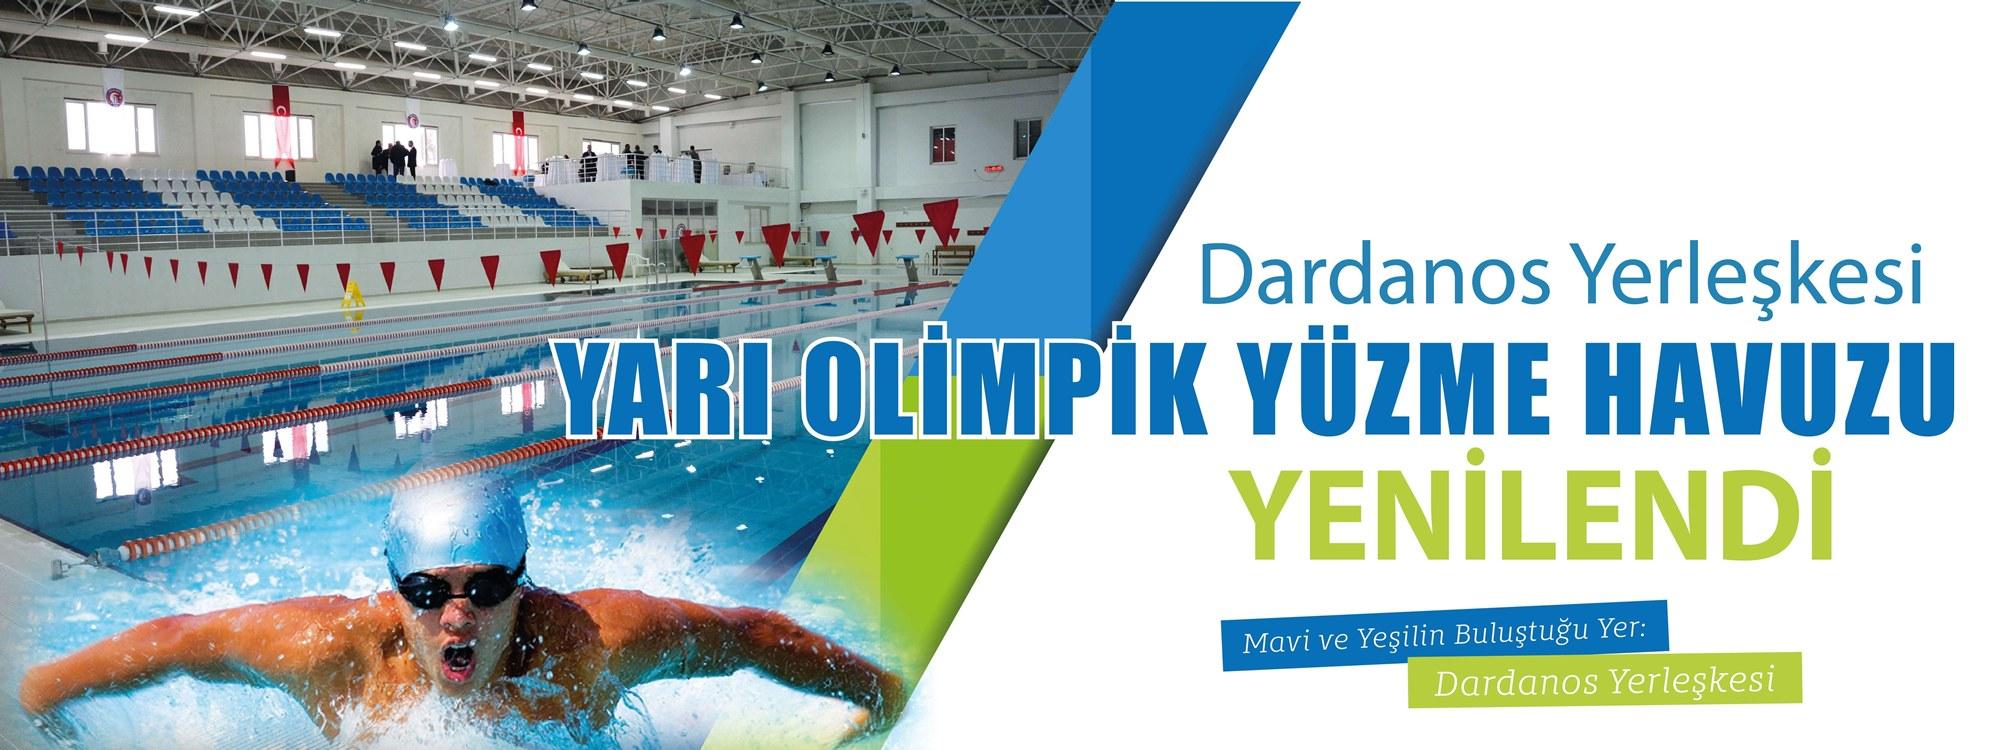 Dardanos Yerleşkesi Yarı Olimpik Yüzme Havuzu Yenilendi